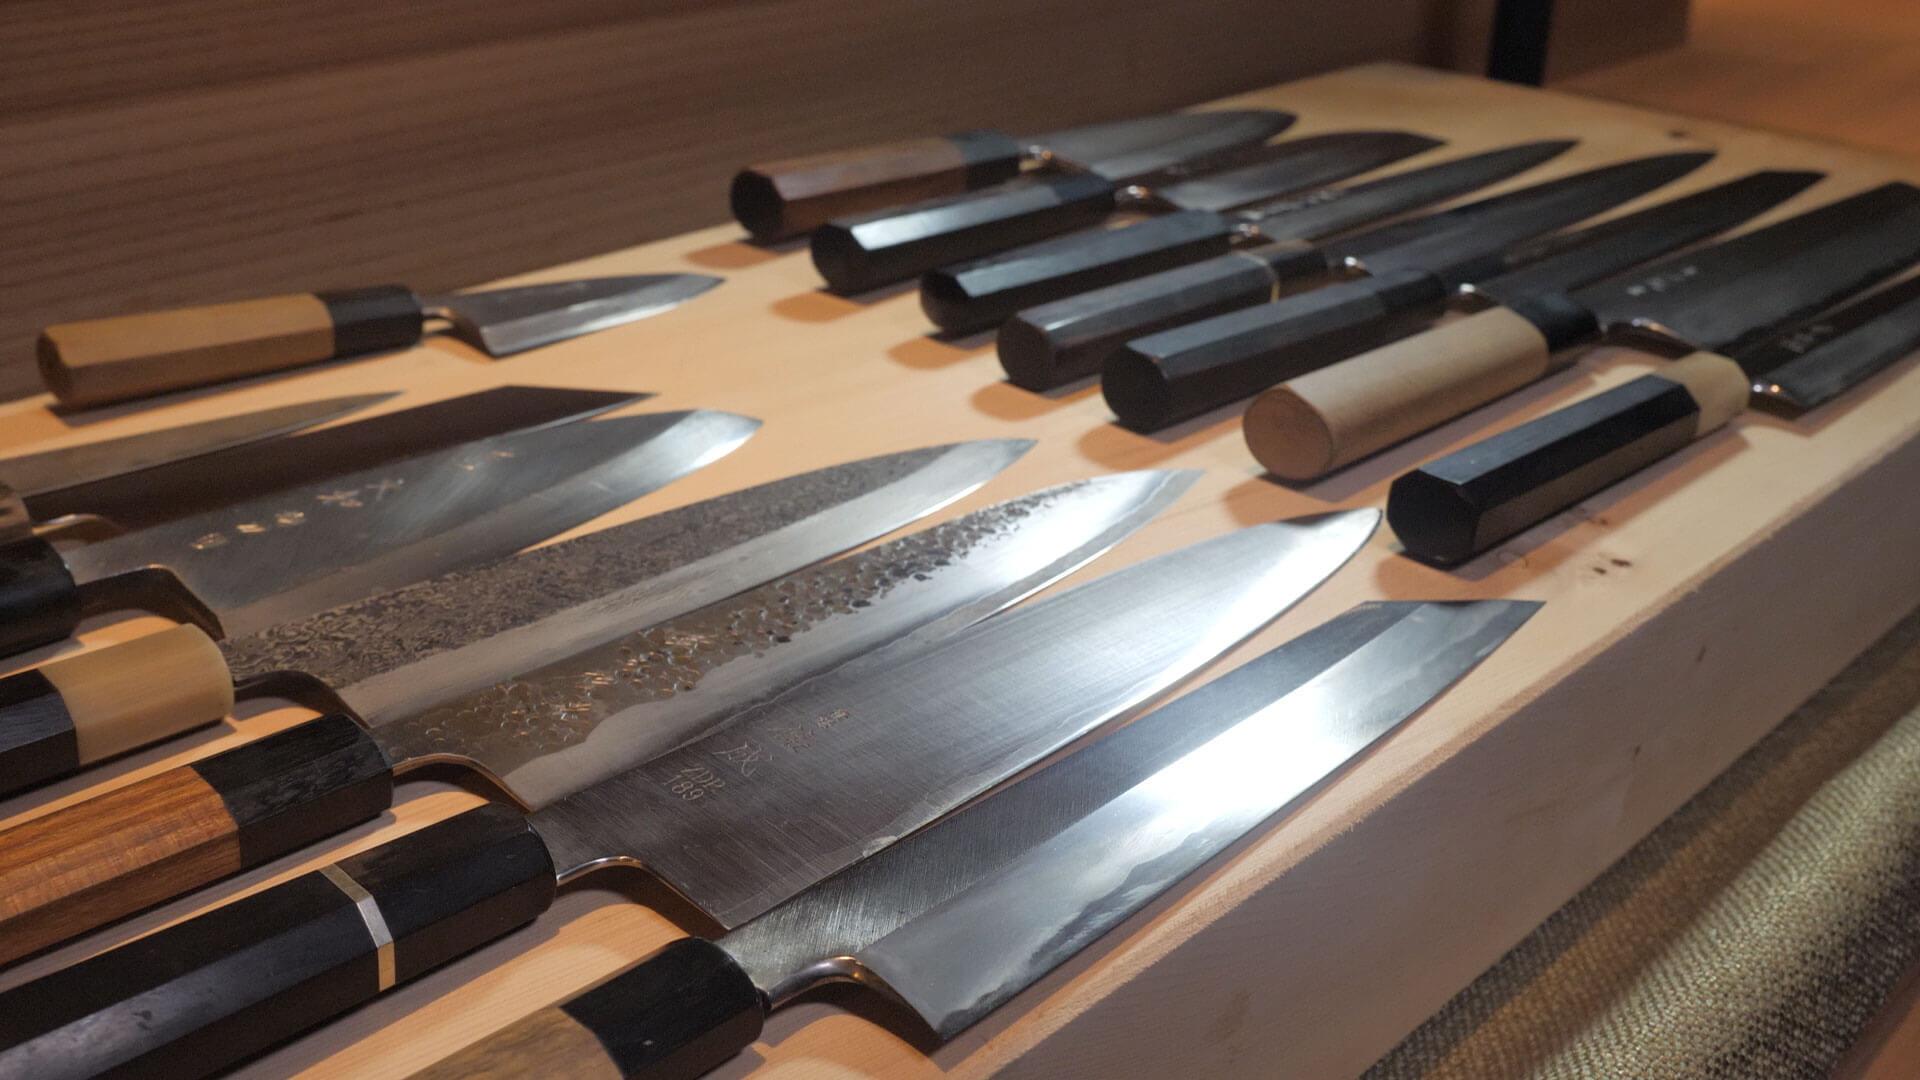 Come scegliere i migliori coltelli da cucina per iniziare ...